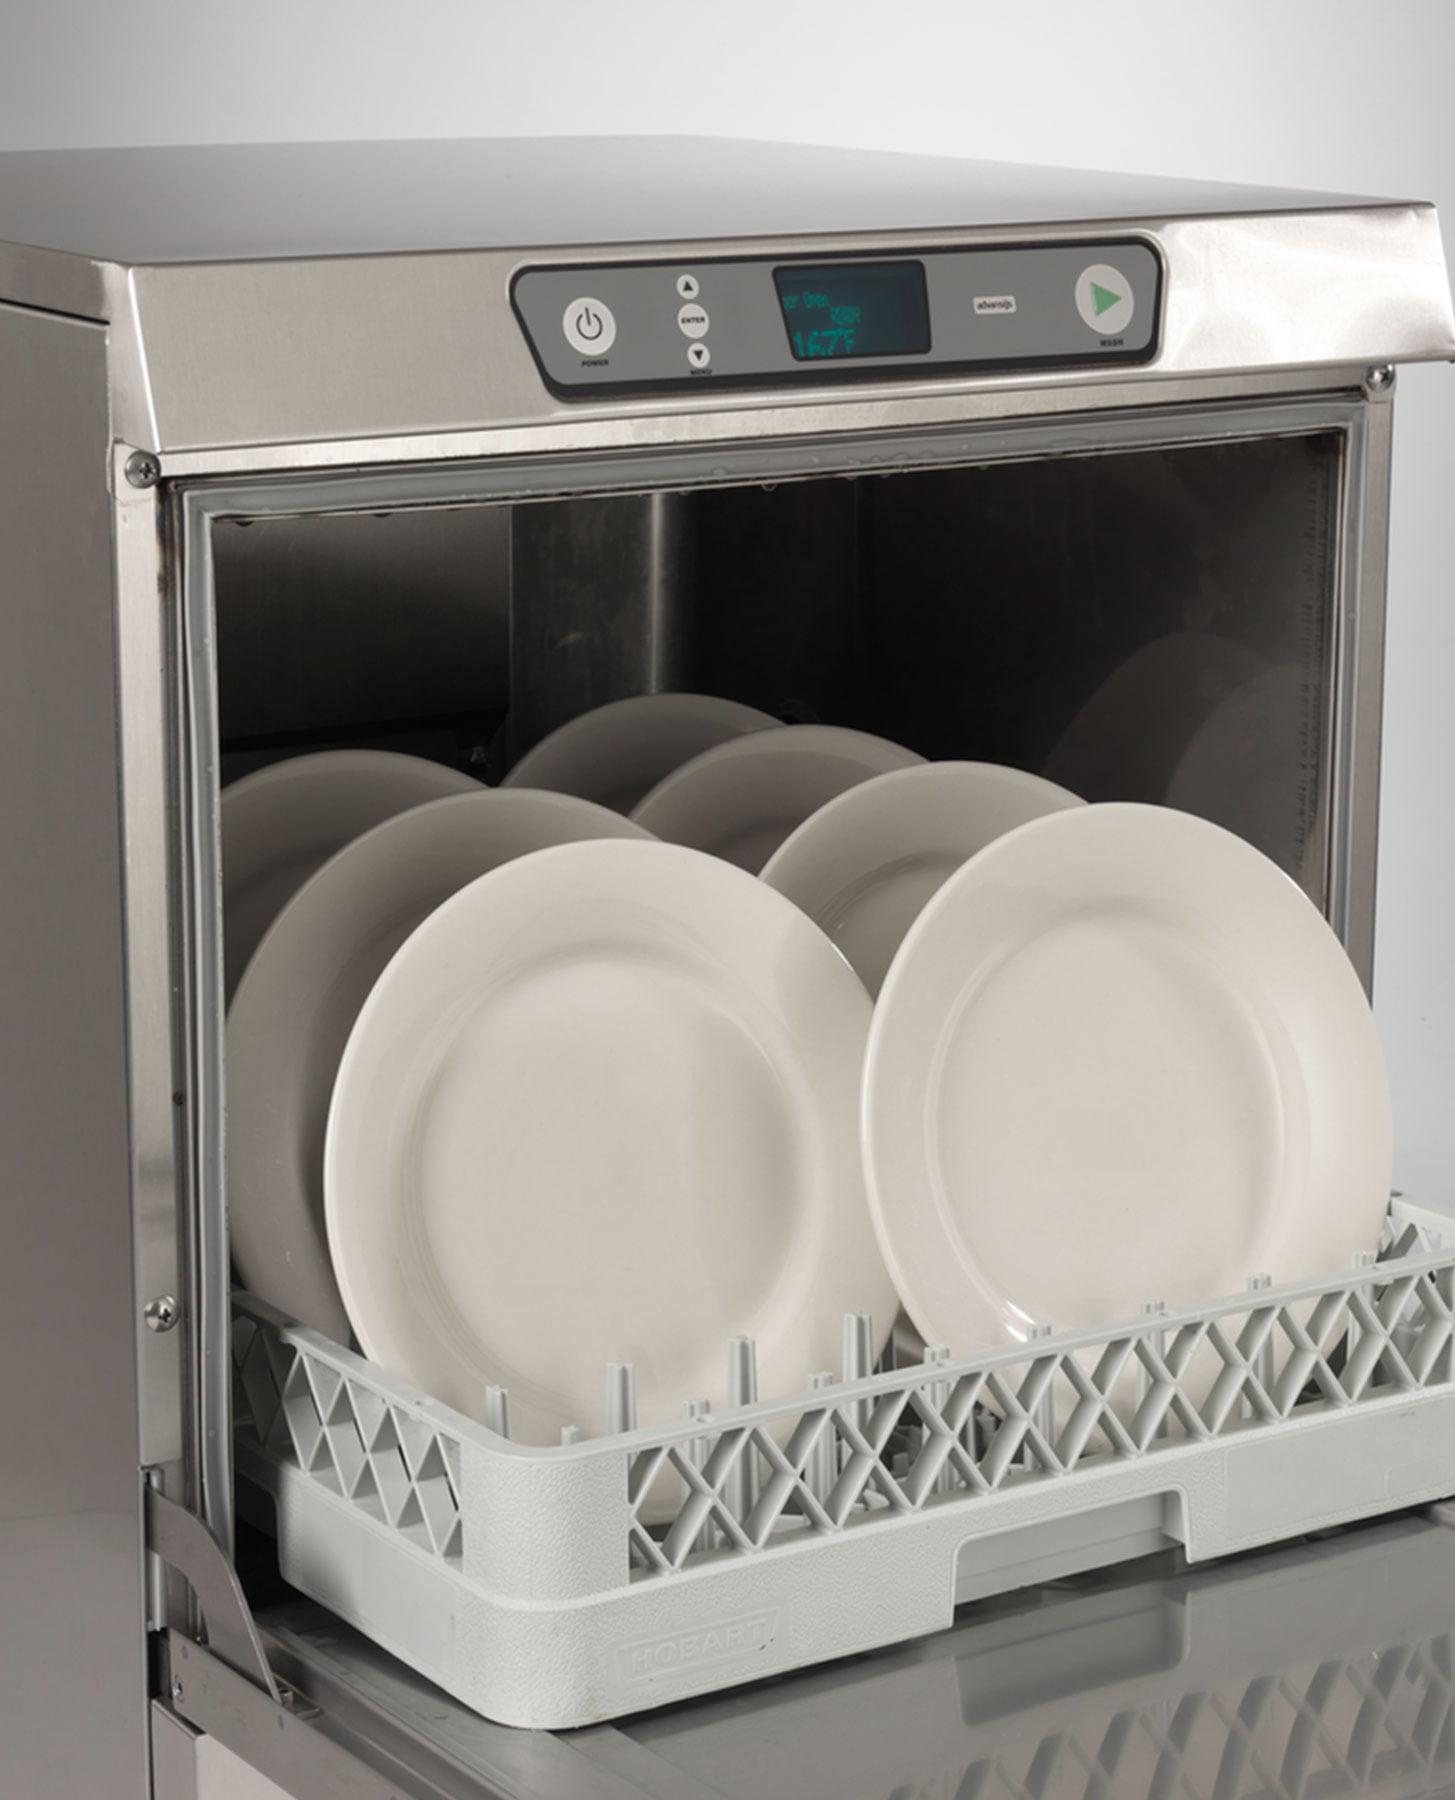 Hobart Lxe Dishwasher